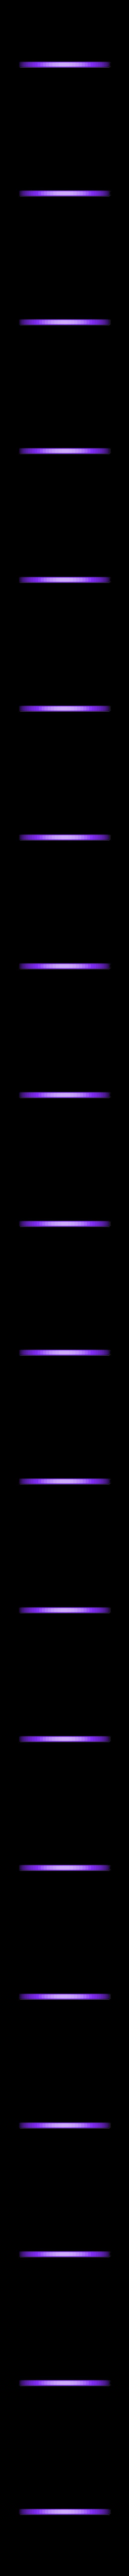 Spool_adapter_ring.STL Télécharger fichier STL gratuit Ender-3 Adaptateur de bobine 52 mm • Modèle imprimable en 3D, Romualdych